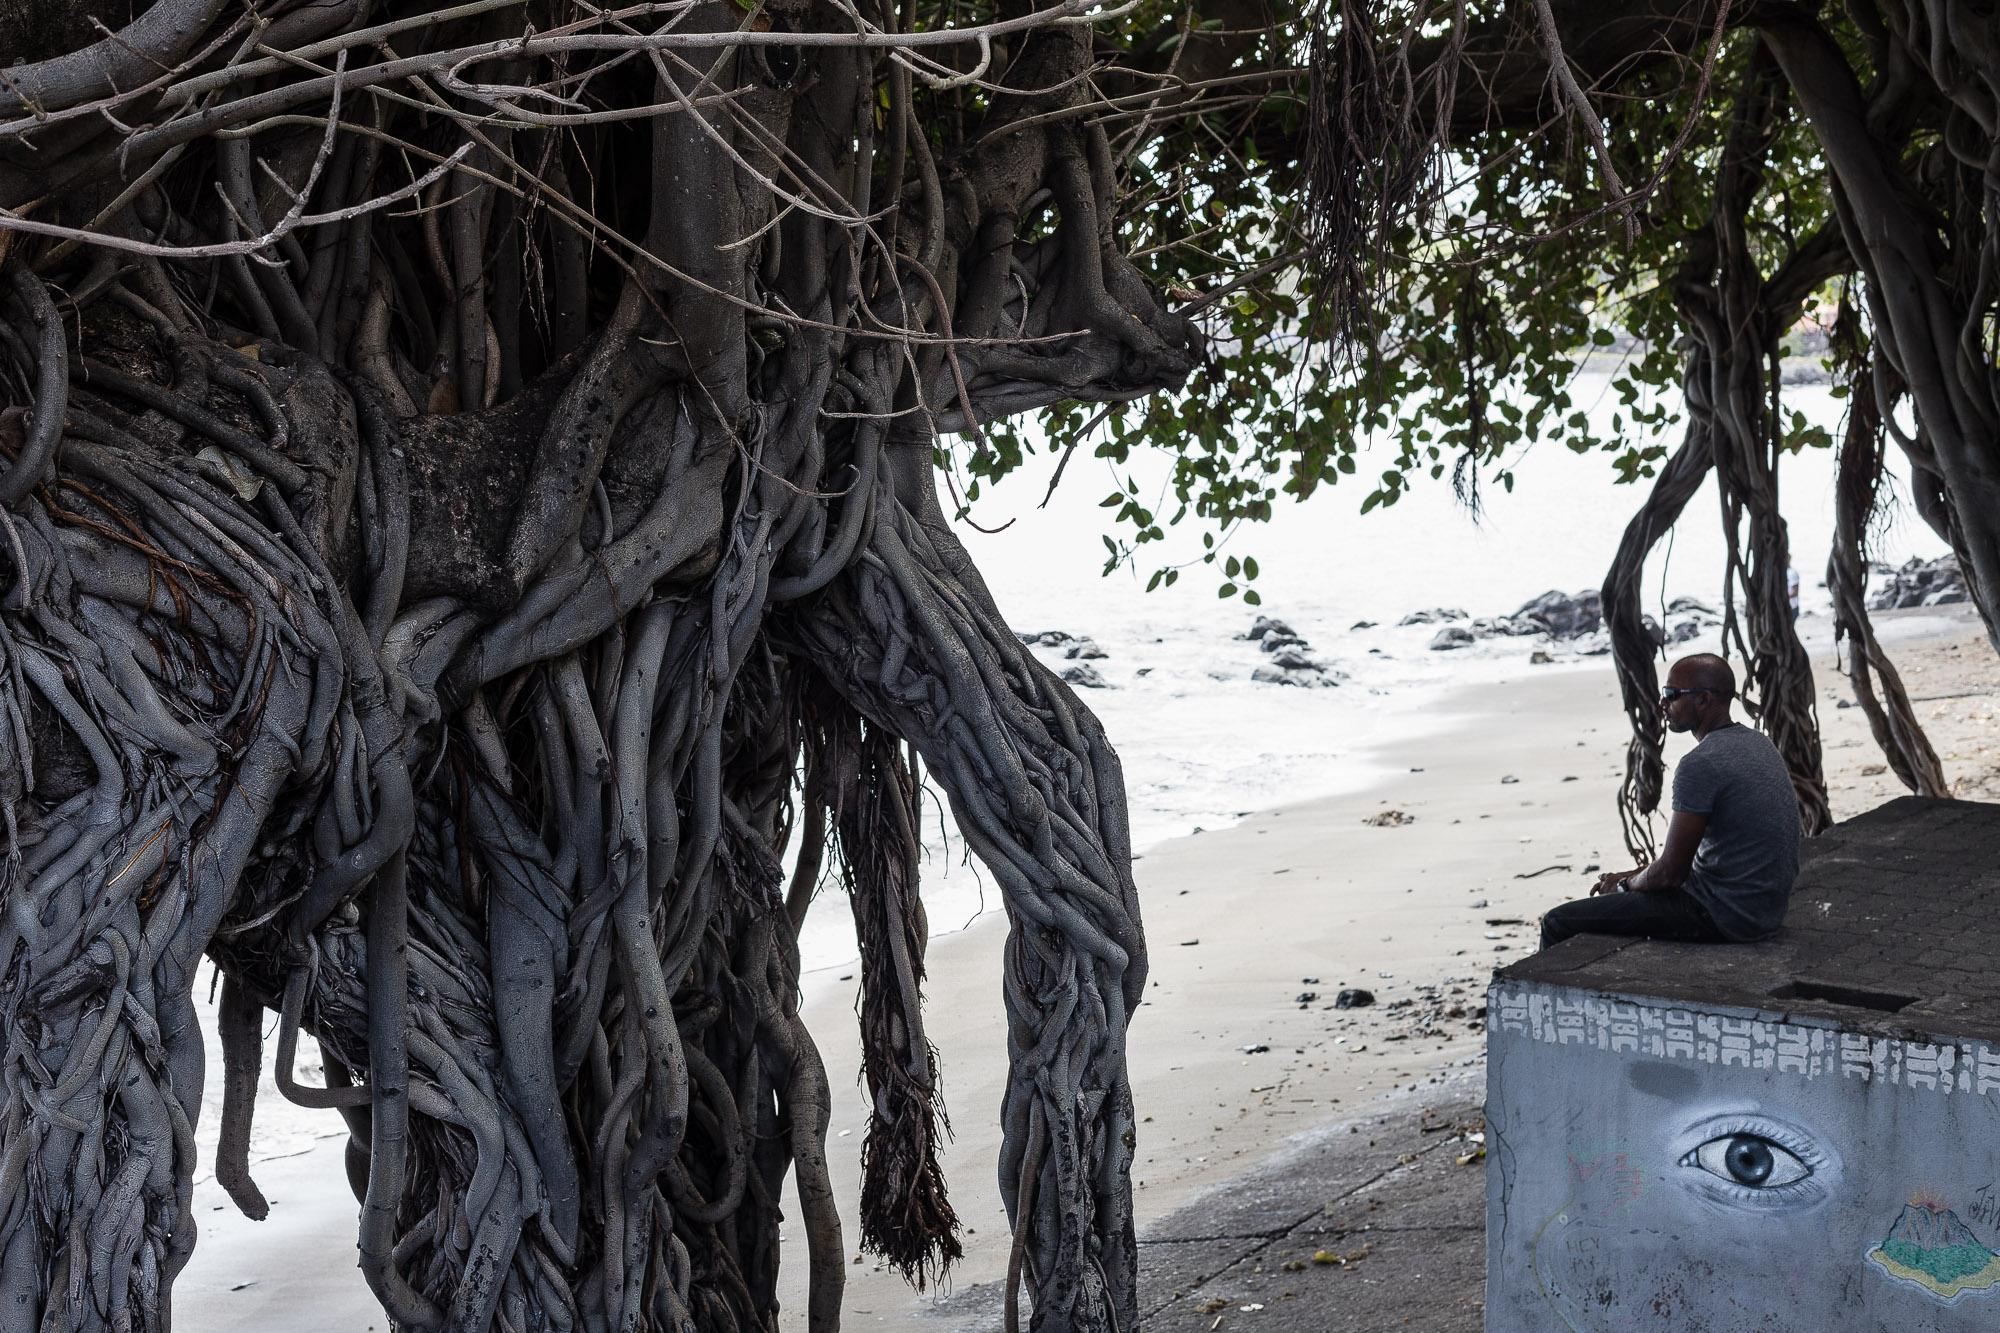 racines des banians, Terre Sainte Saint Pierre, la réunion